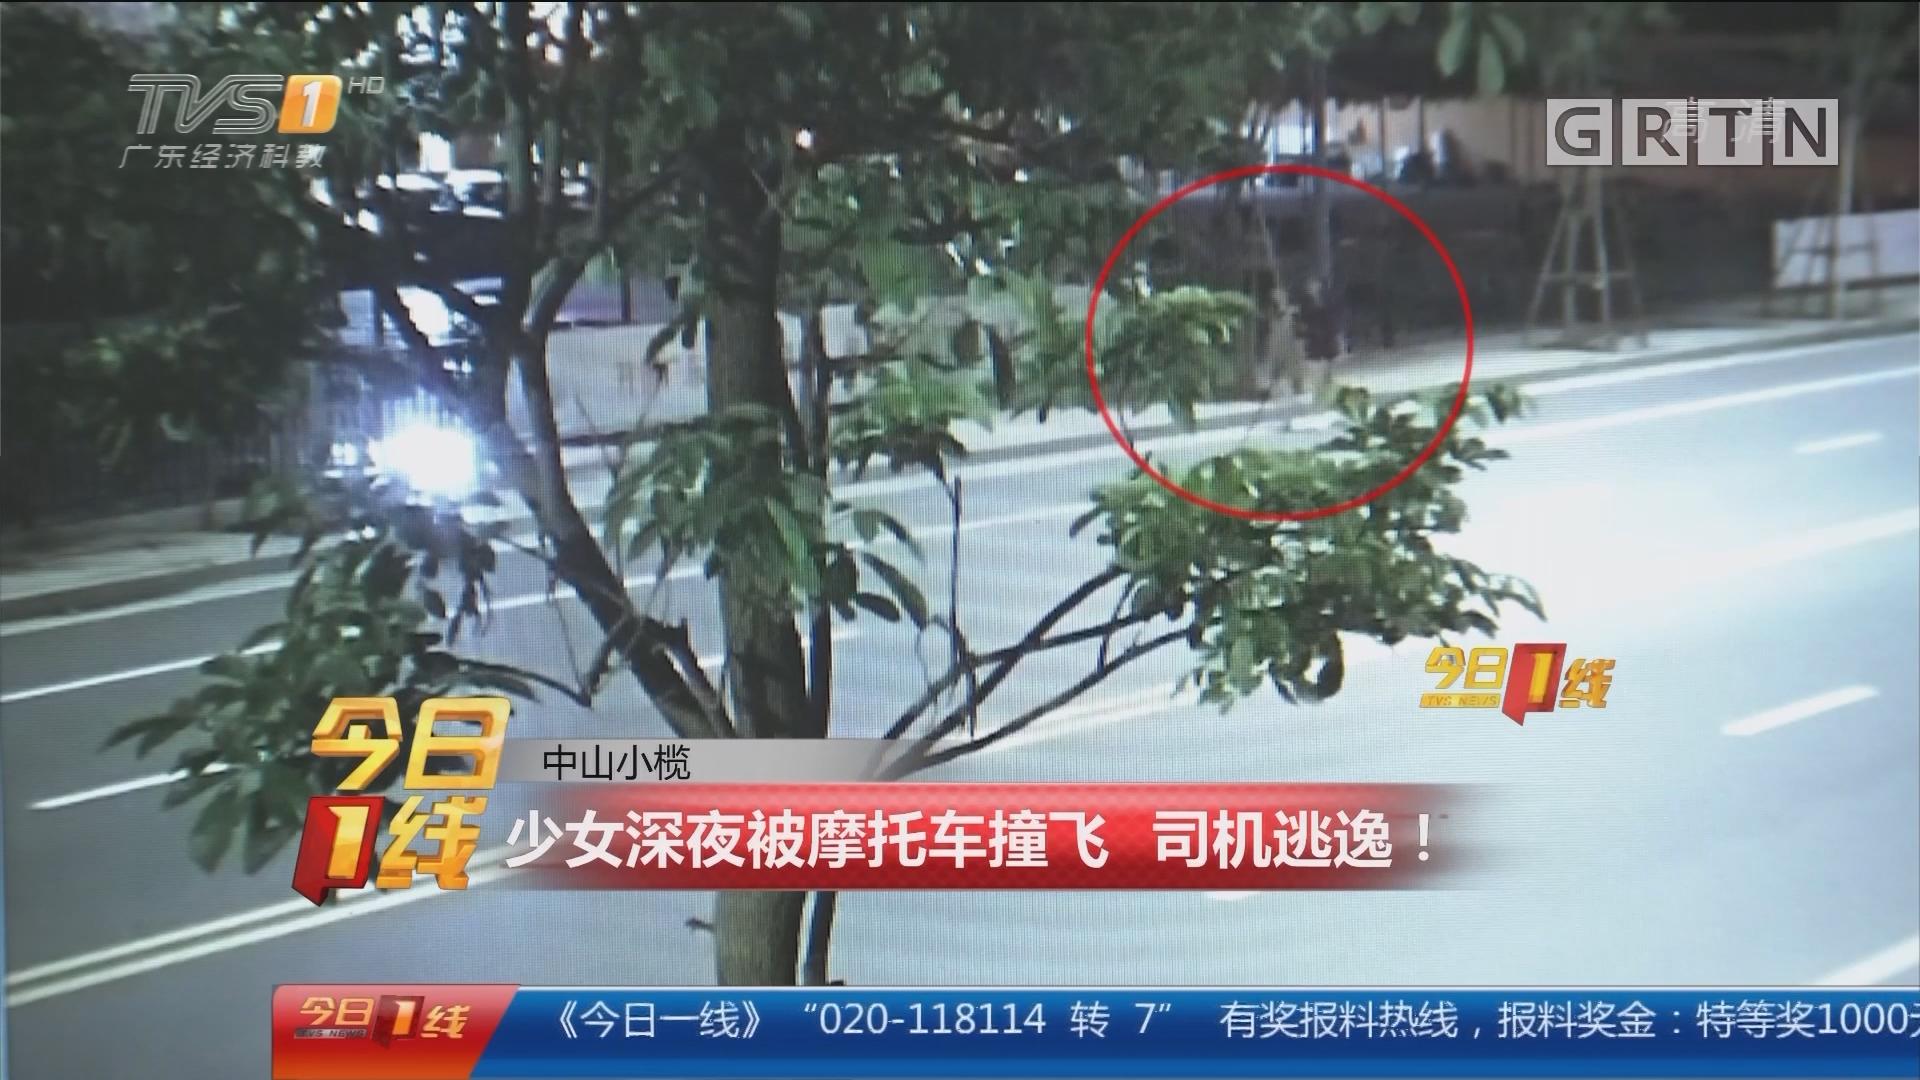 中山小榄:少女深夜被摩托车撞飞 司机逃逸!